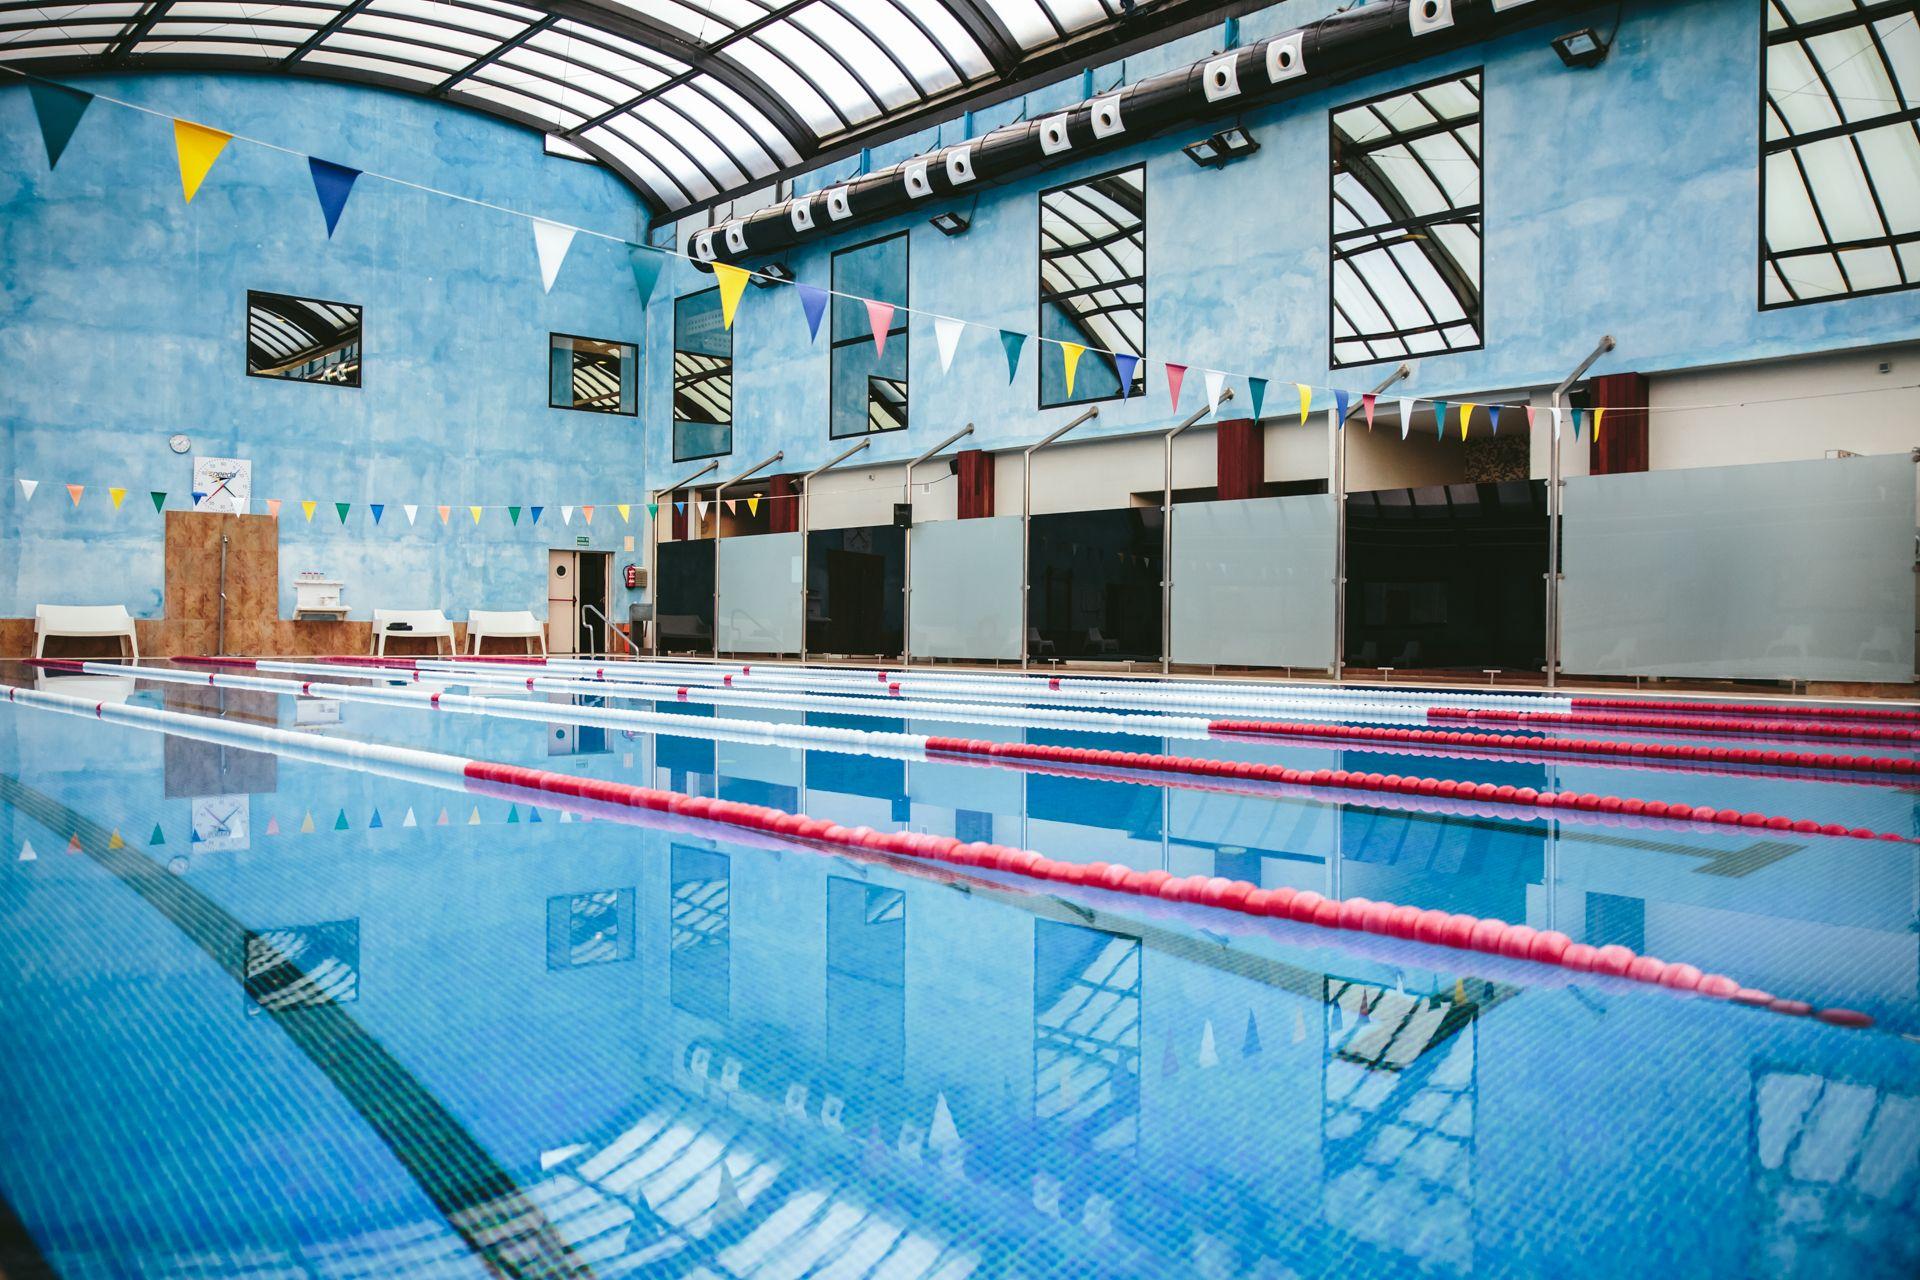 piscina-municipal-alicante-stadio-cabo-de-las-huertas-condomina-4